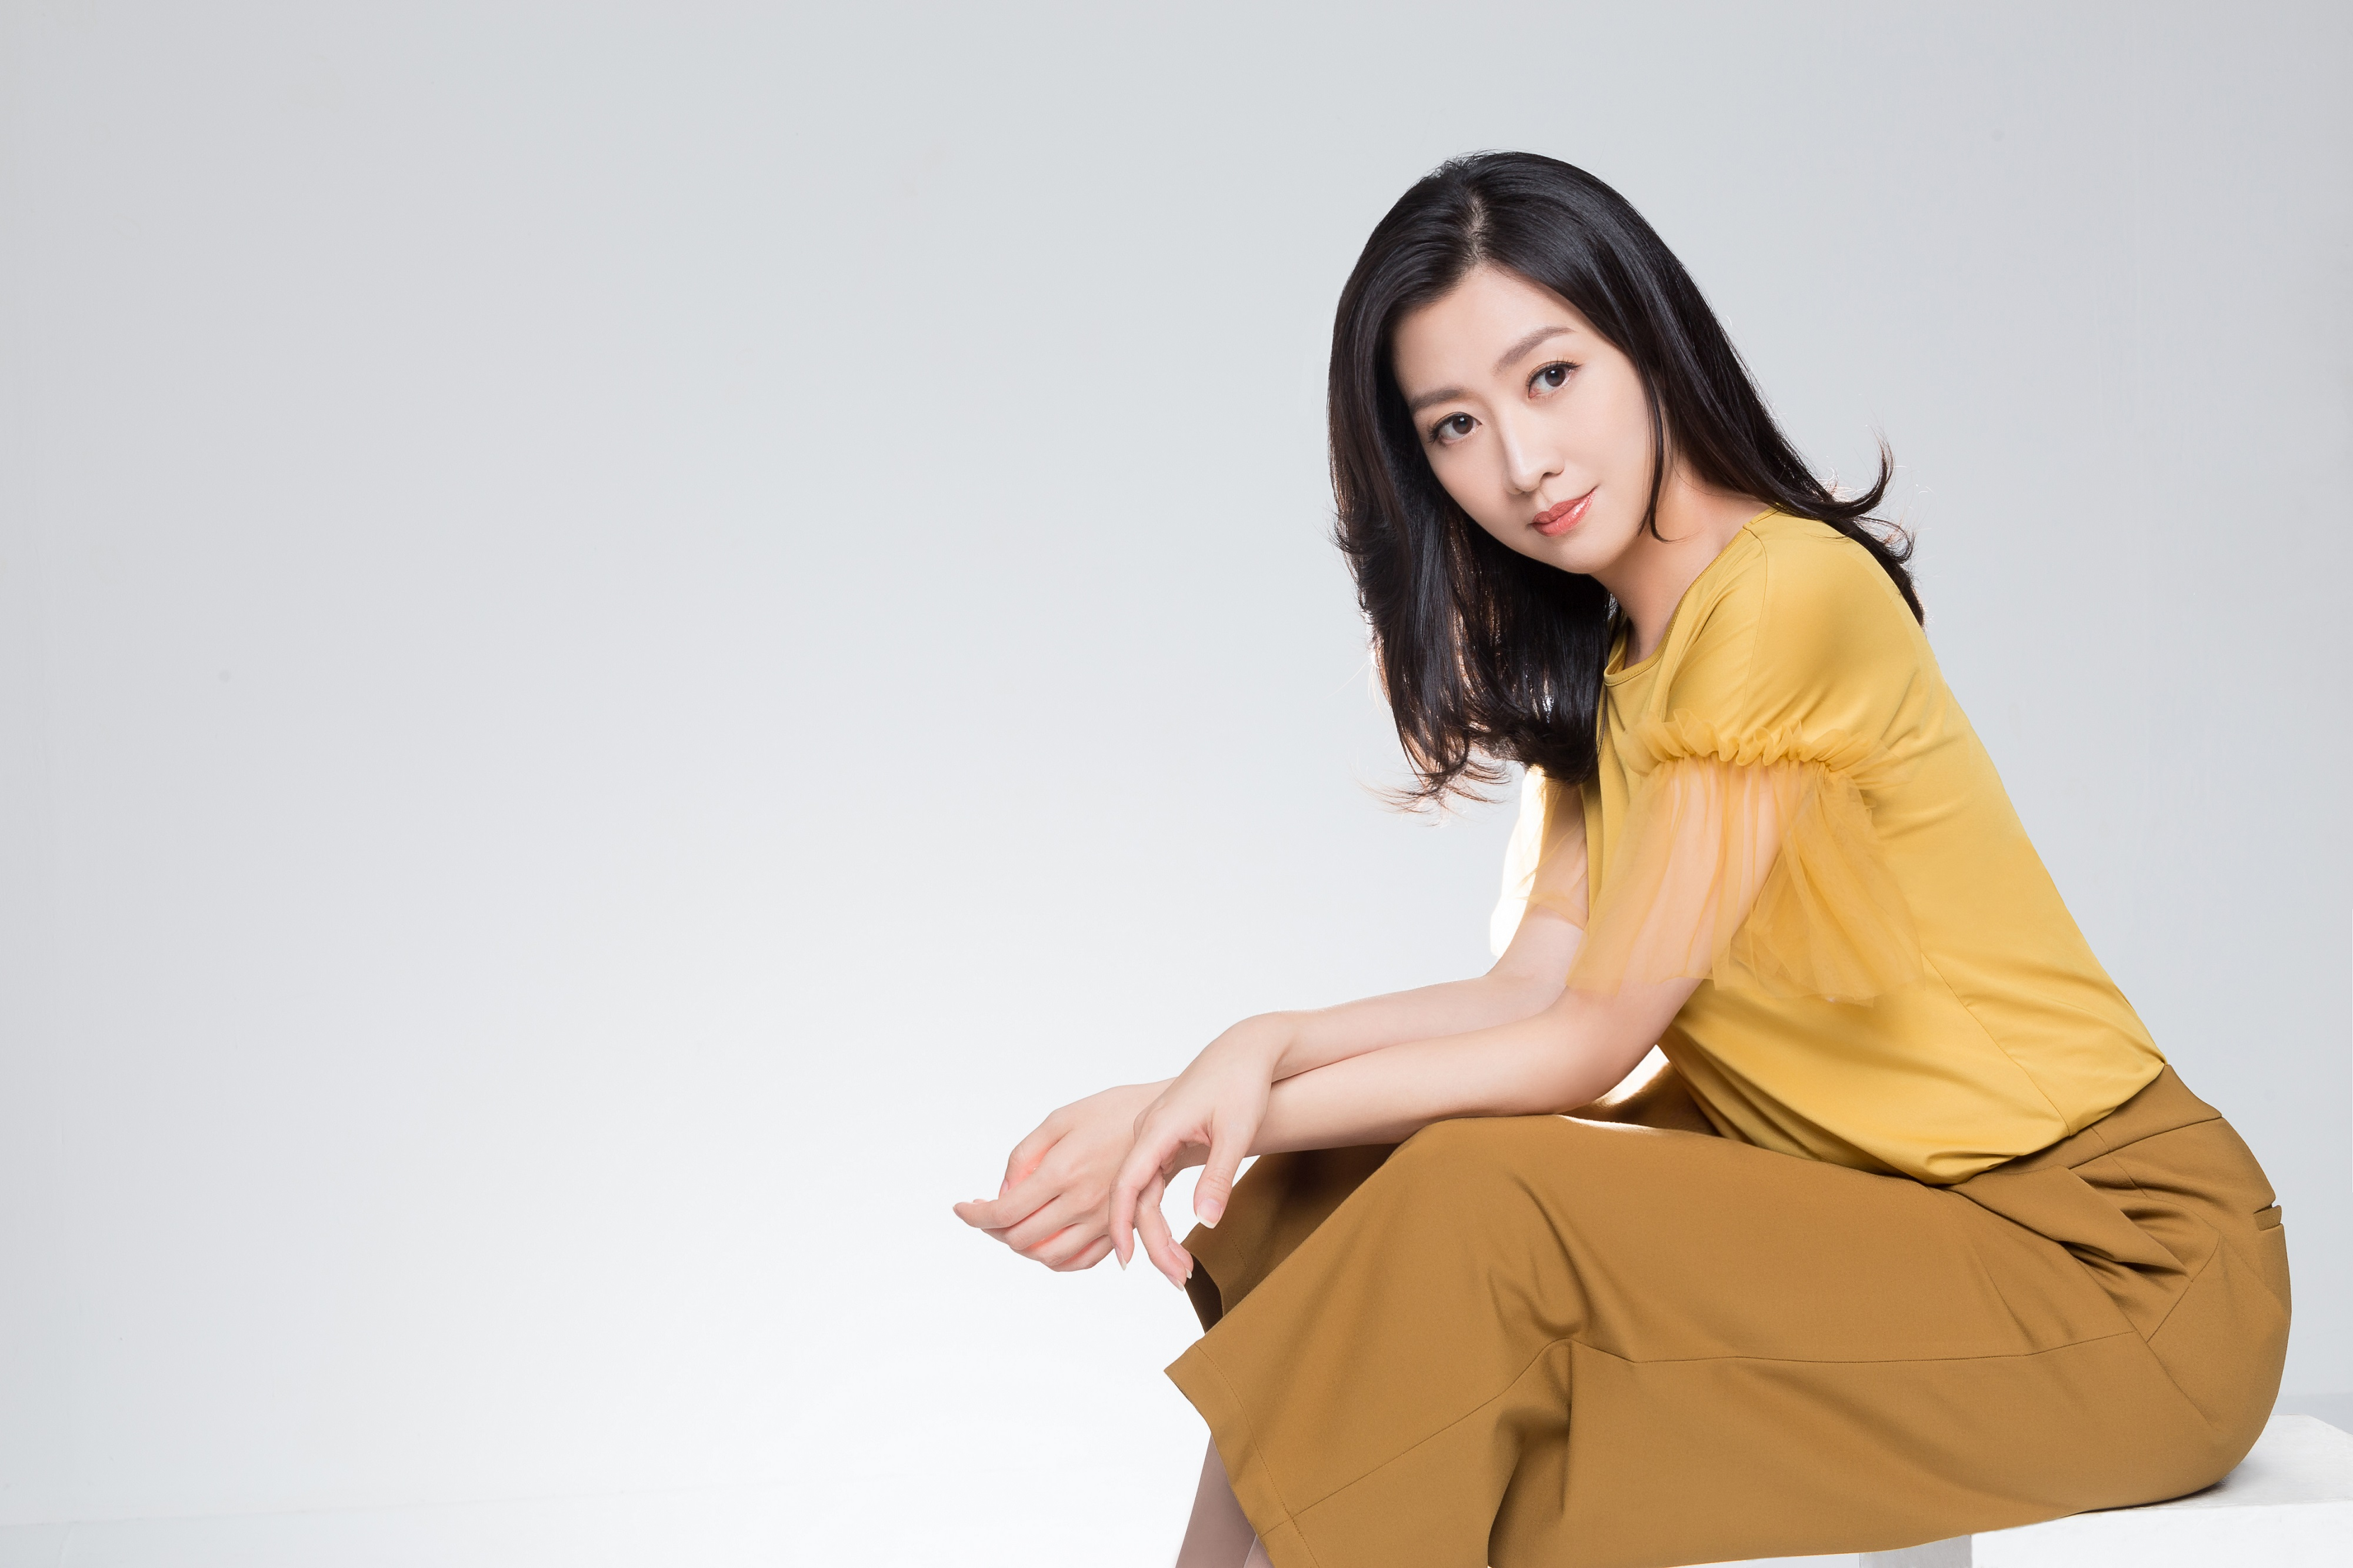 鄧惠文專訪:婚姻是「心理的容器」,看你培養出什麼?